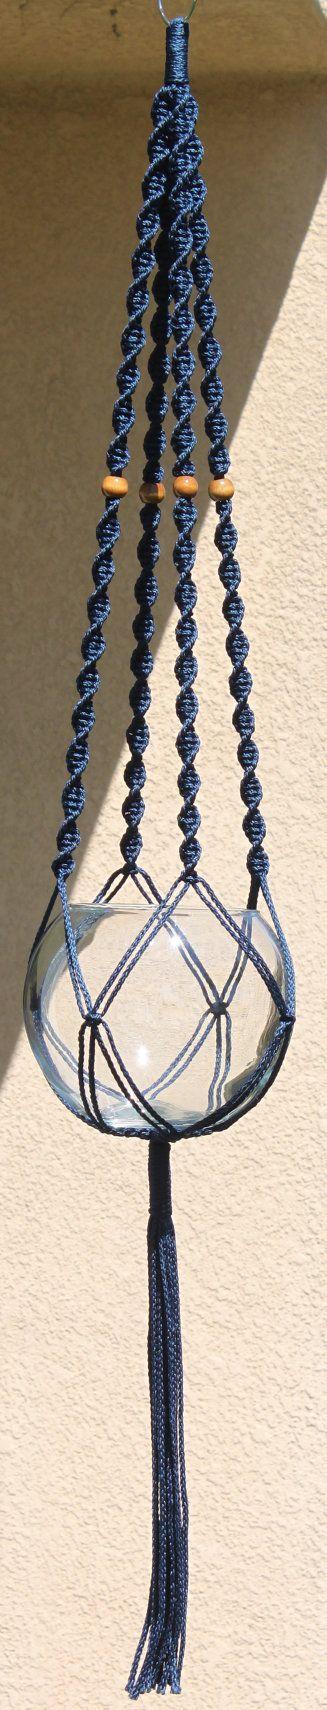 HELIX azul hecho a mano Macrame suspensión de la planta por ChironCreations: